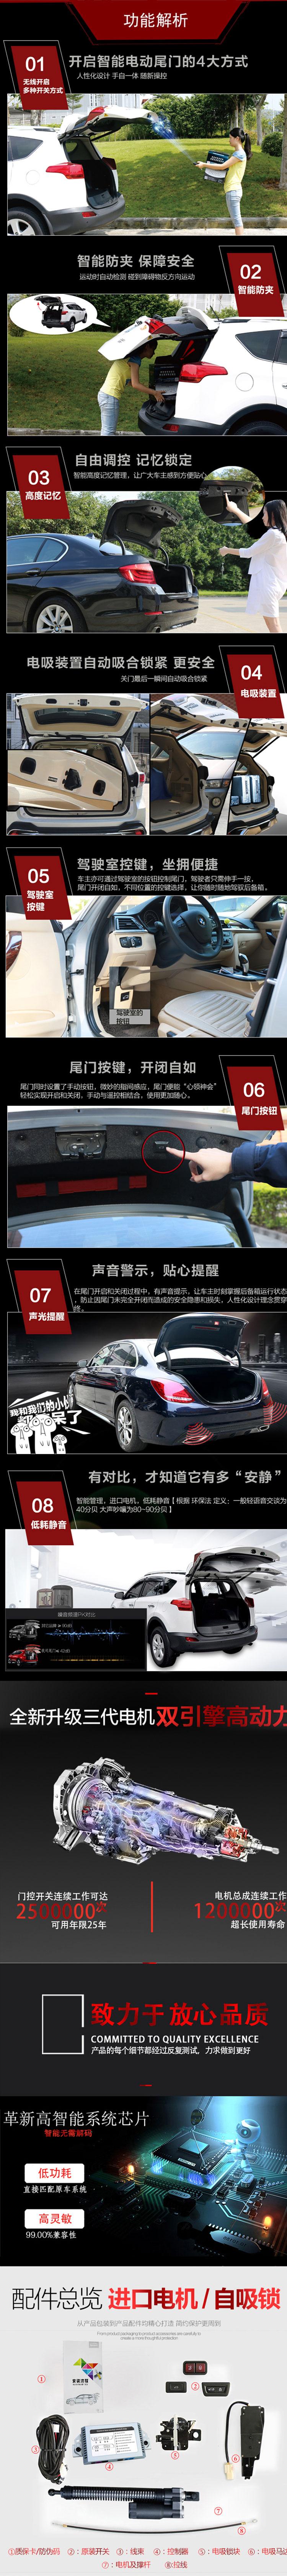 汉中陕F商城现已上线畅翼电动尾门,专业改装电动尾门